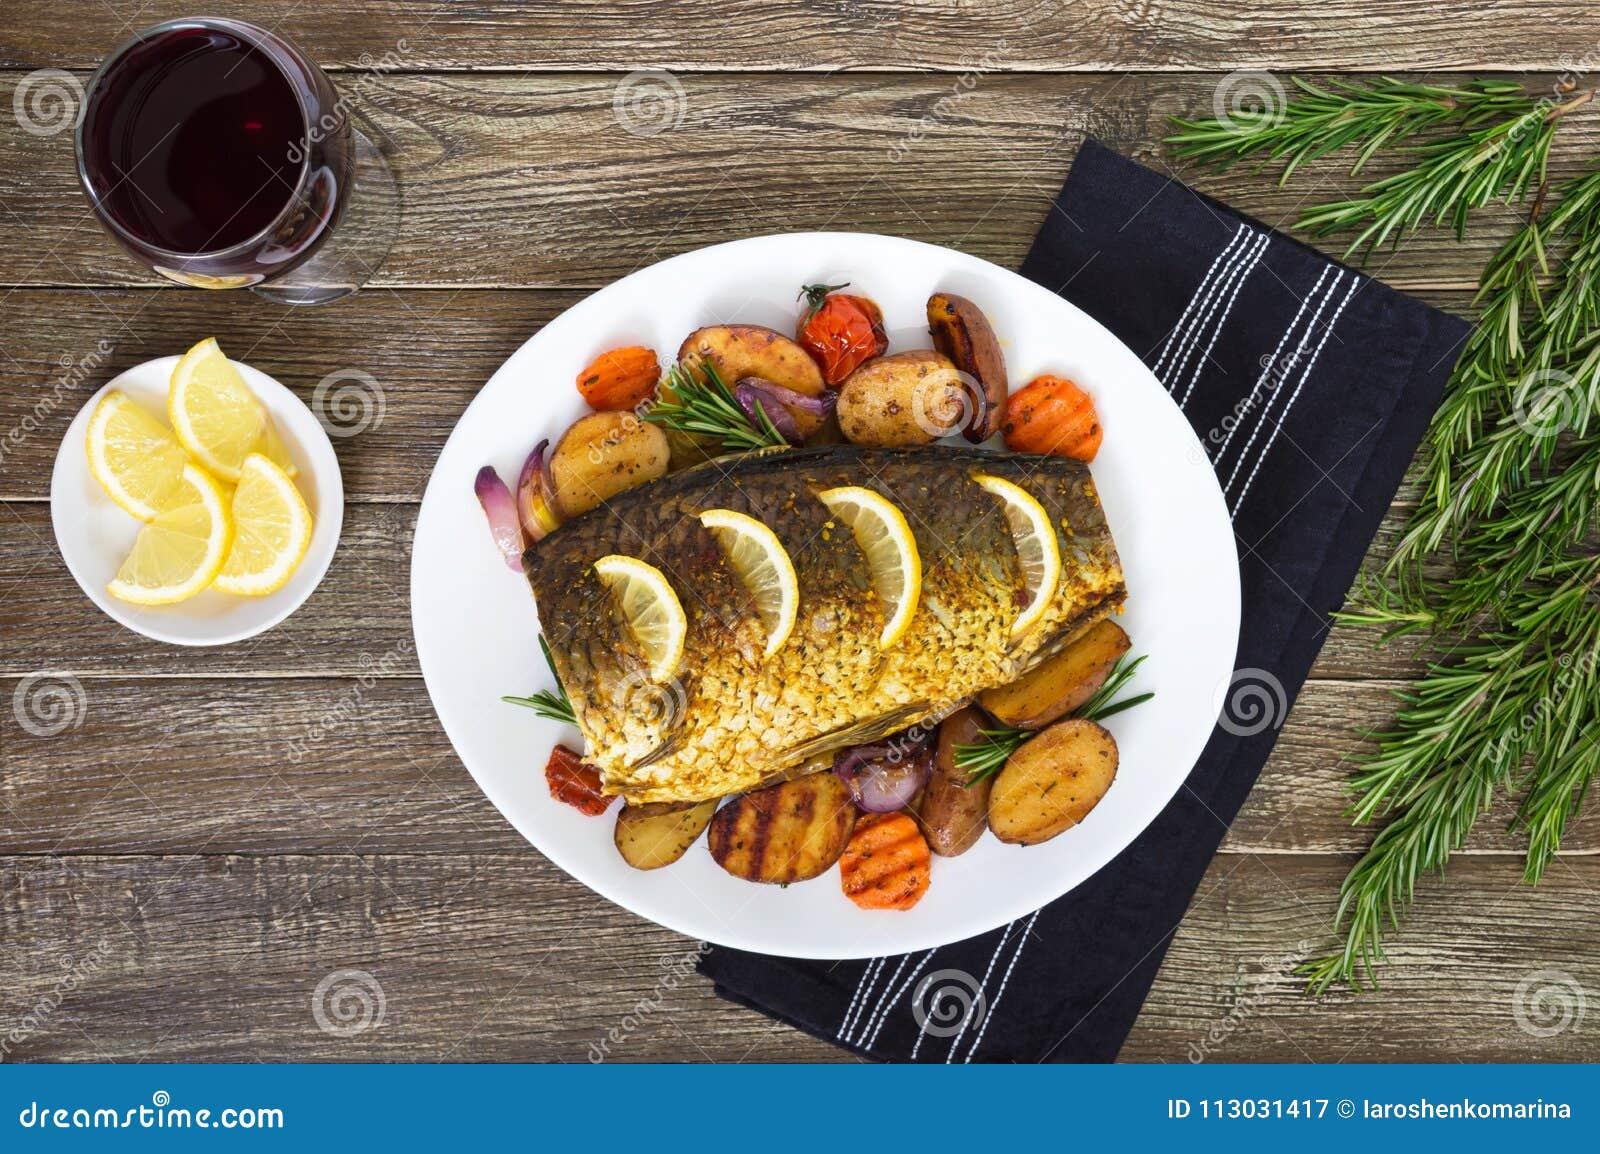 La carpa cocida con las verduras asó a la parrilla en una placa blanca y un vidrio de vino rojo en un fondo de madera